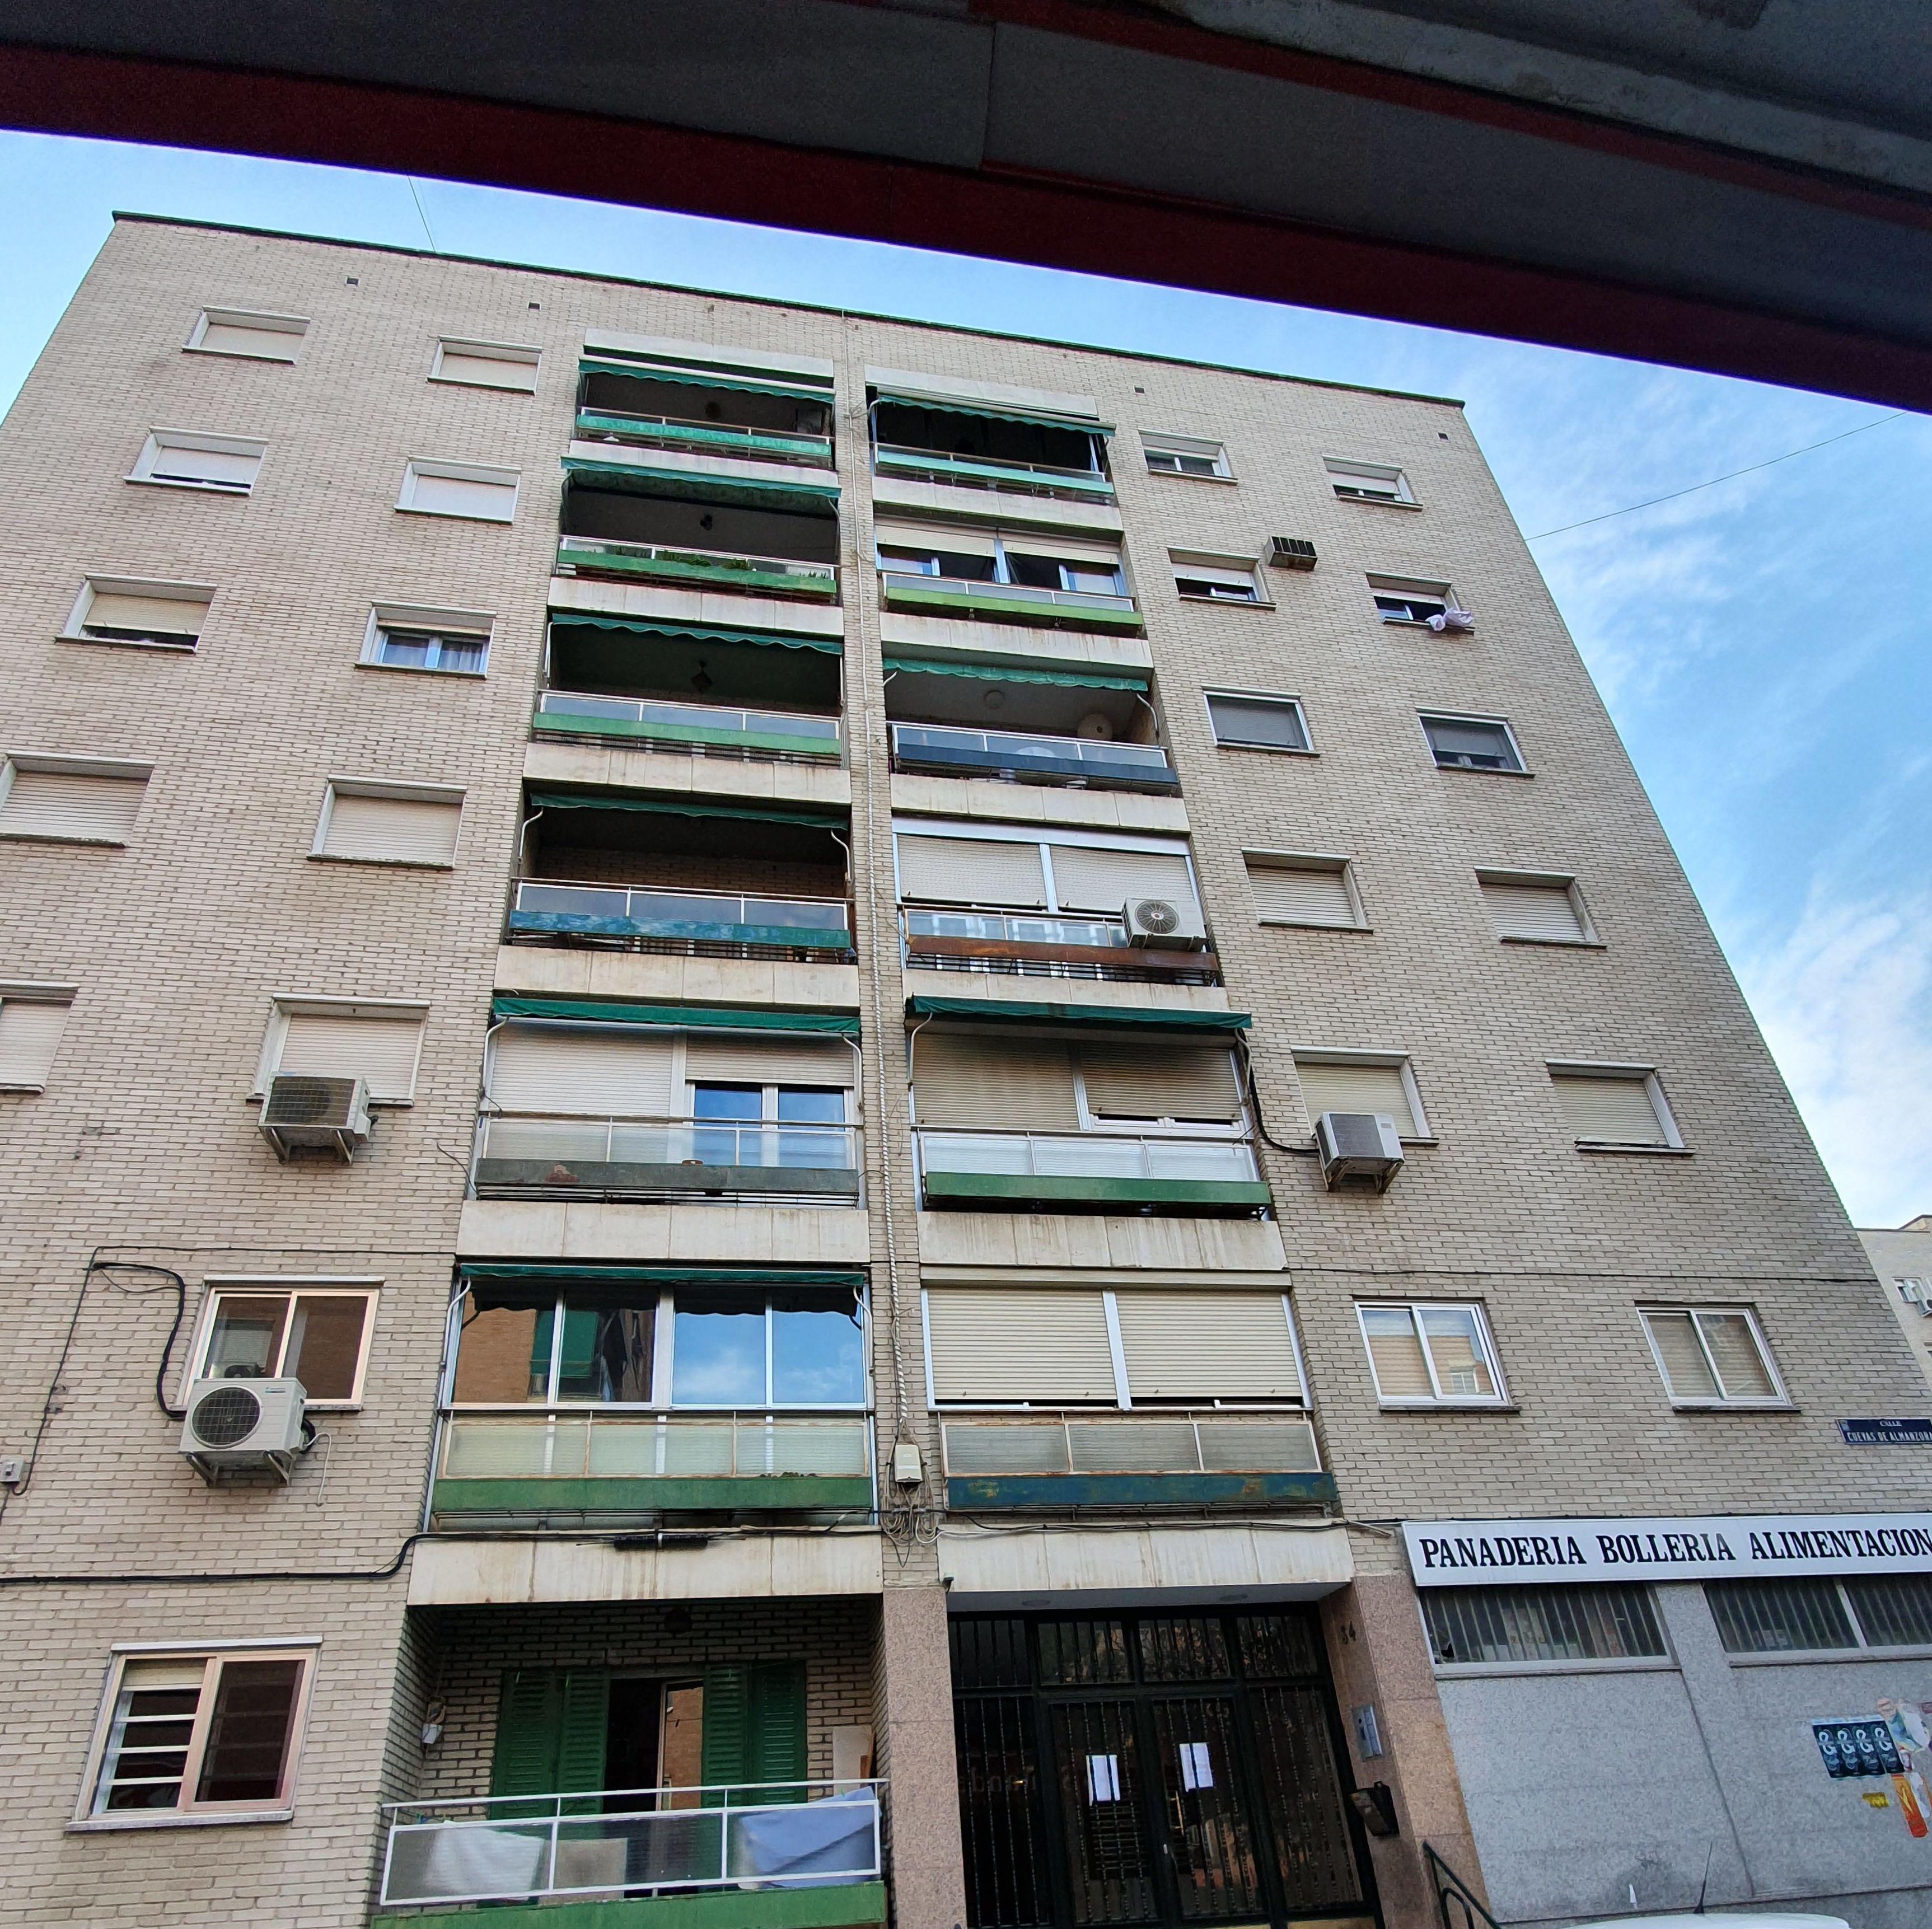 Foto 45 de Trabajos verticales en  | Rehabilitaciones y Verticales Vera, S.L.